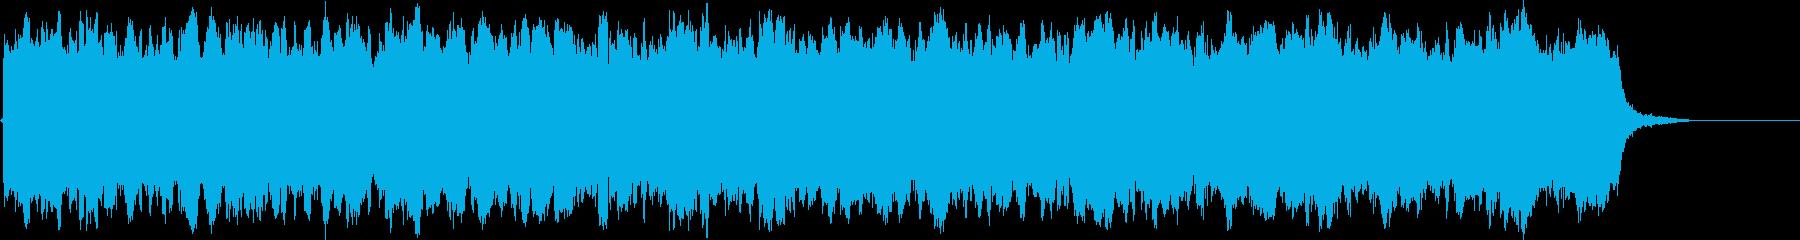 「警告!」「STOP!」的なイメージの音の再生済みの波形